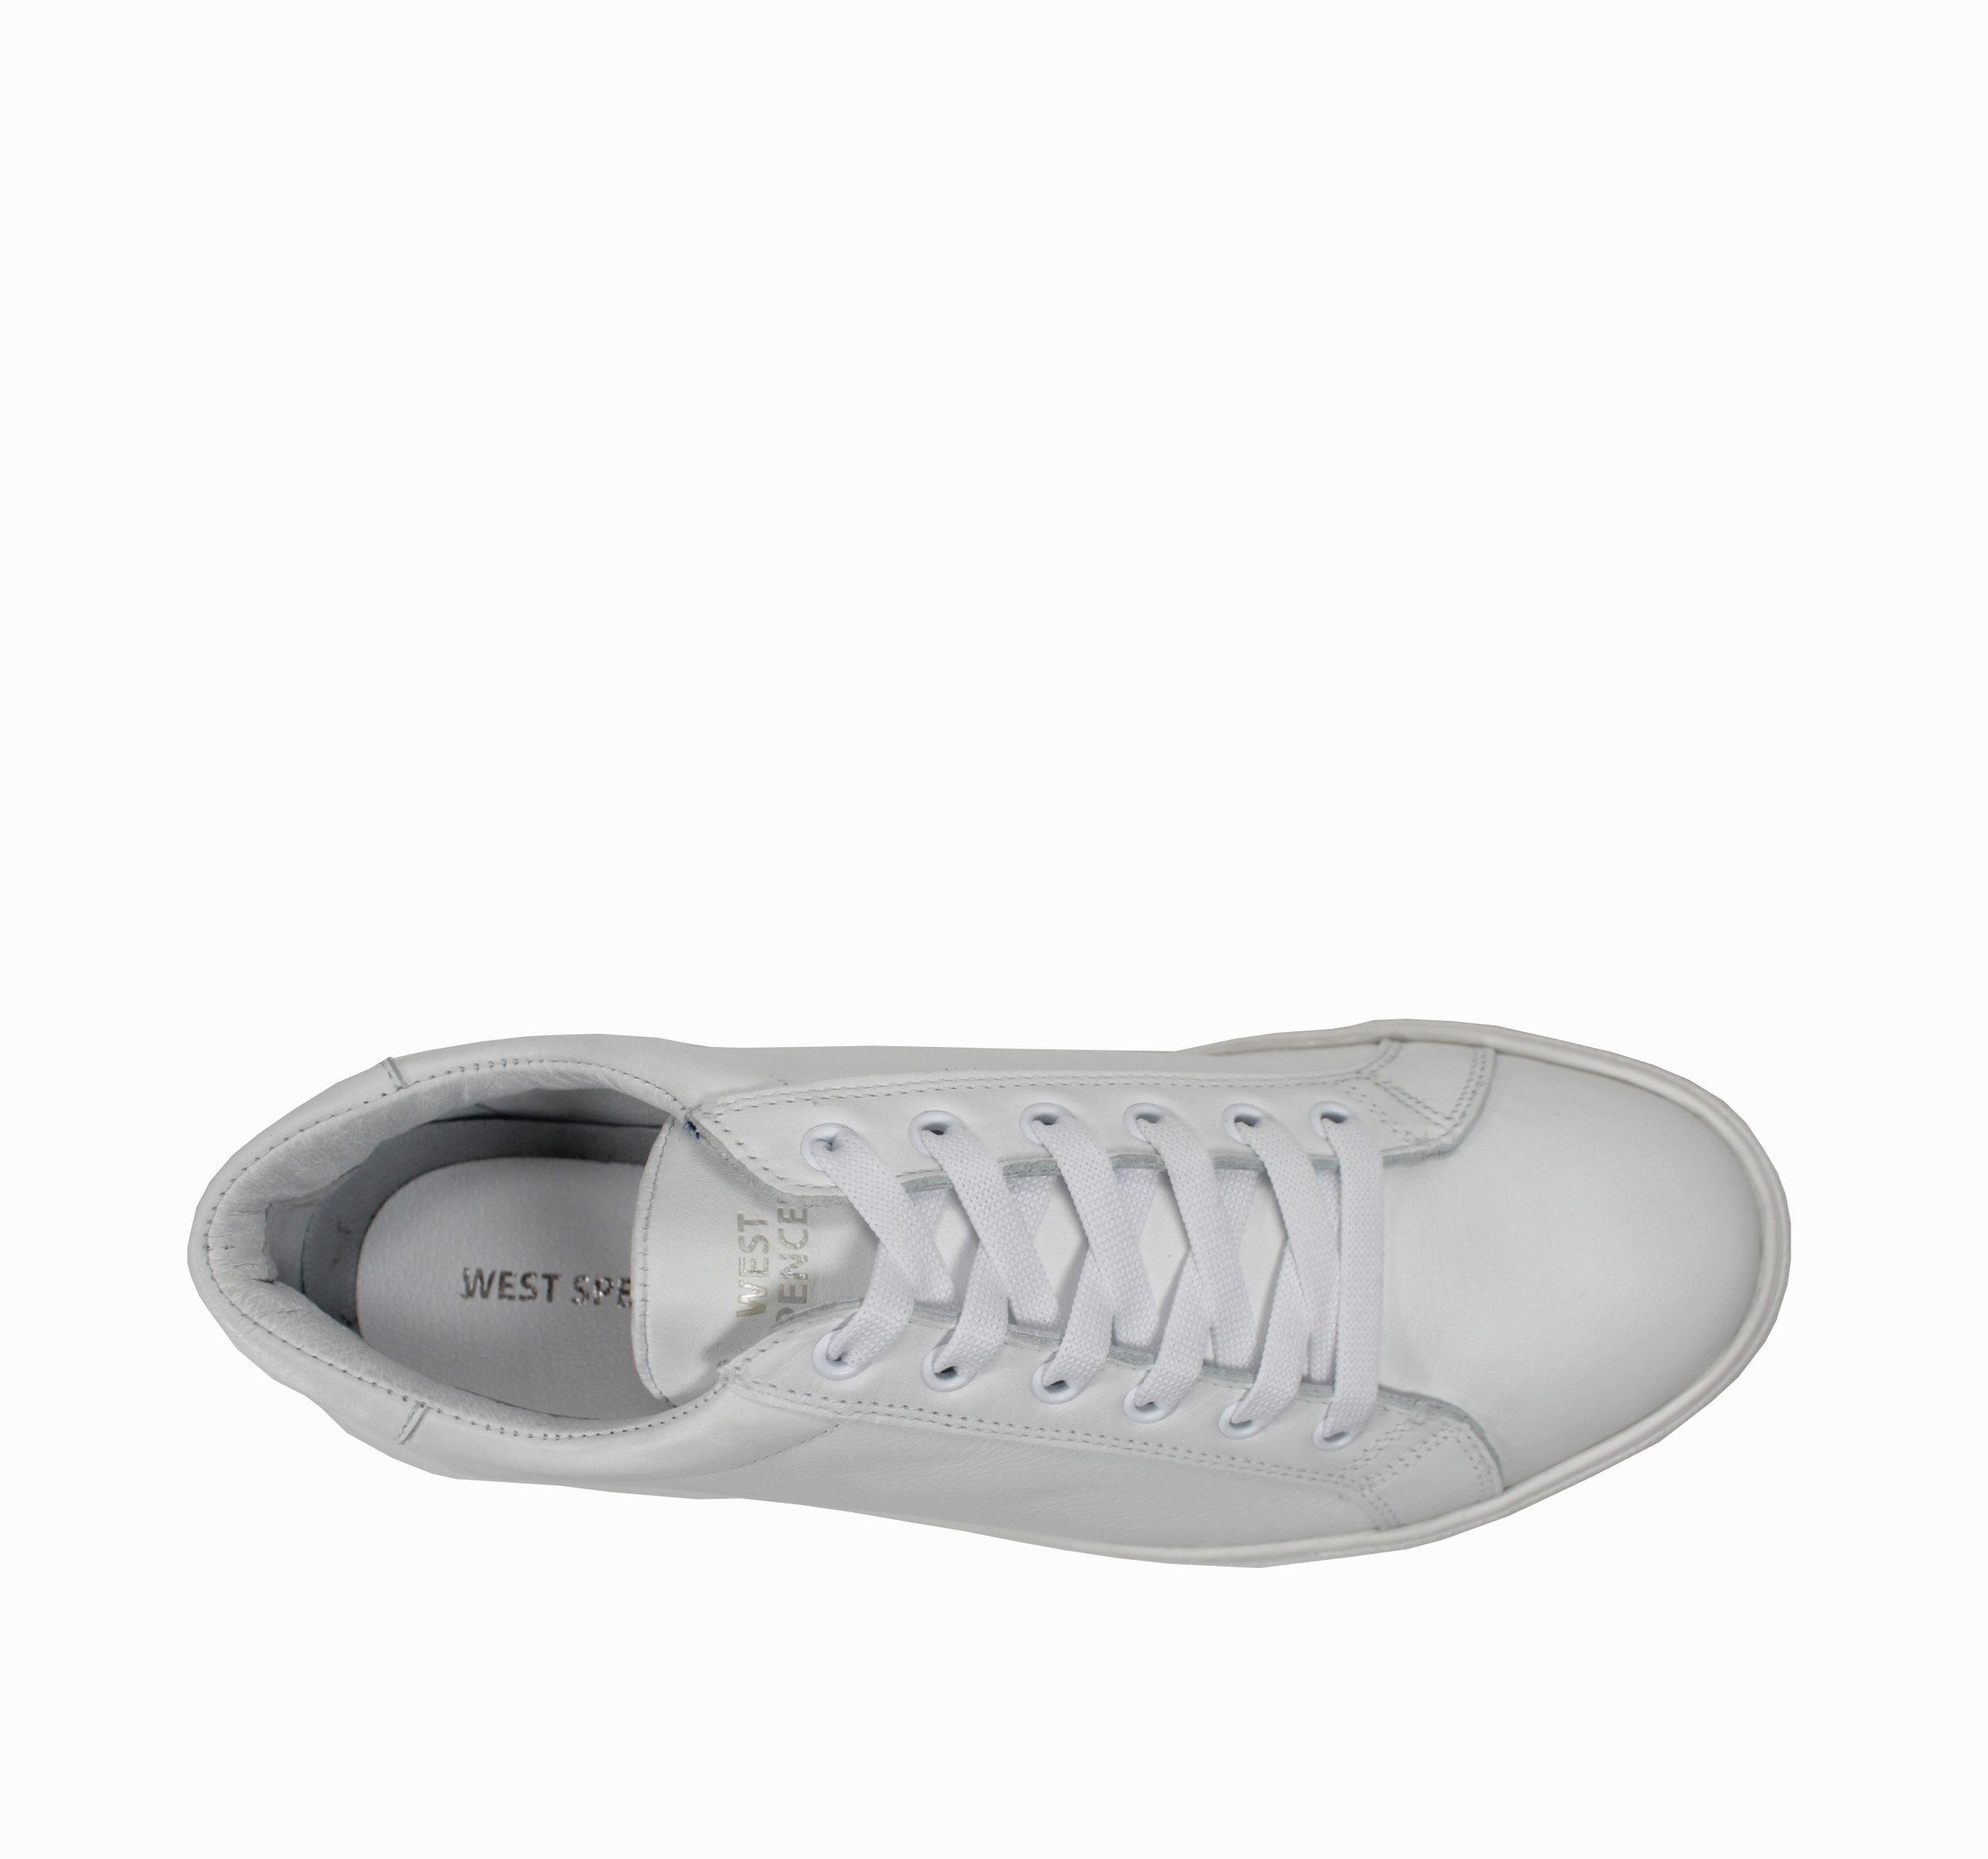 final shoe 3.jpg